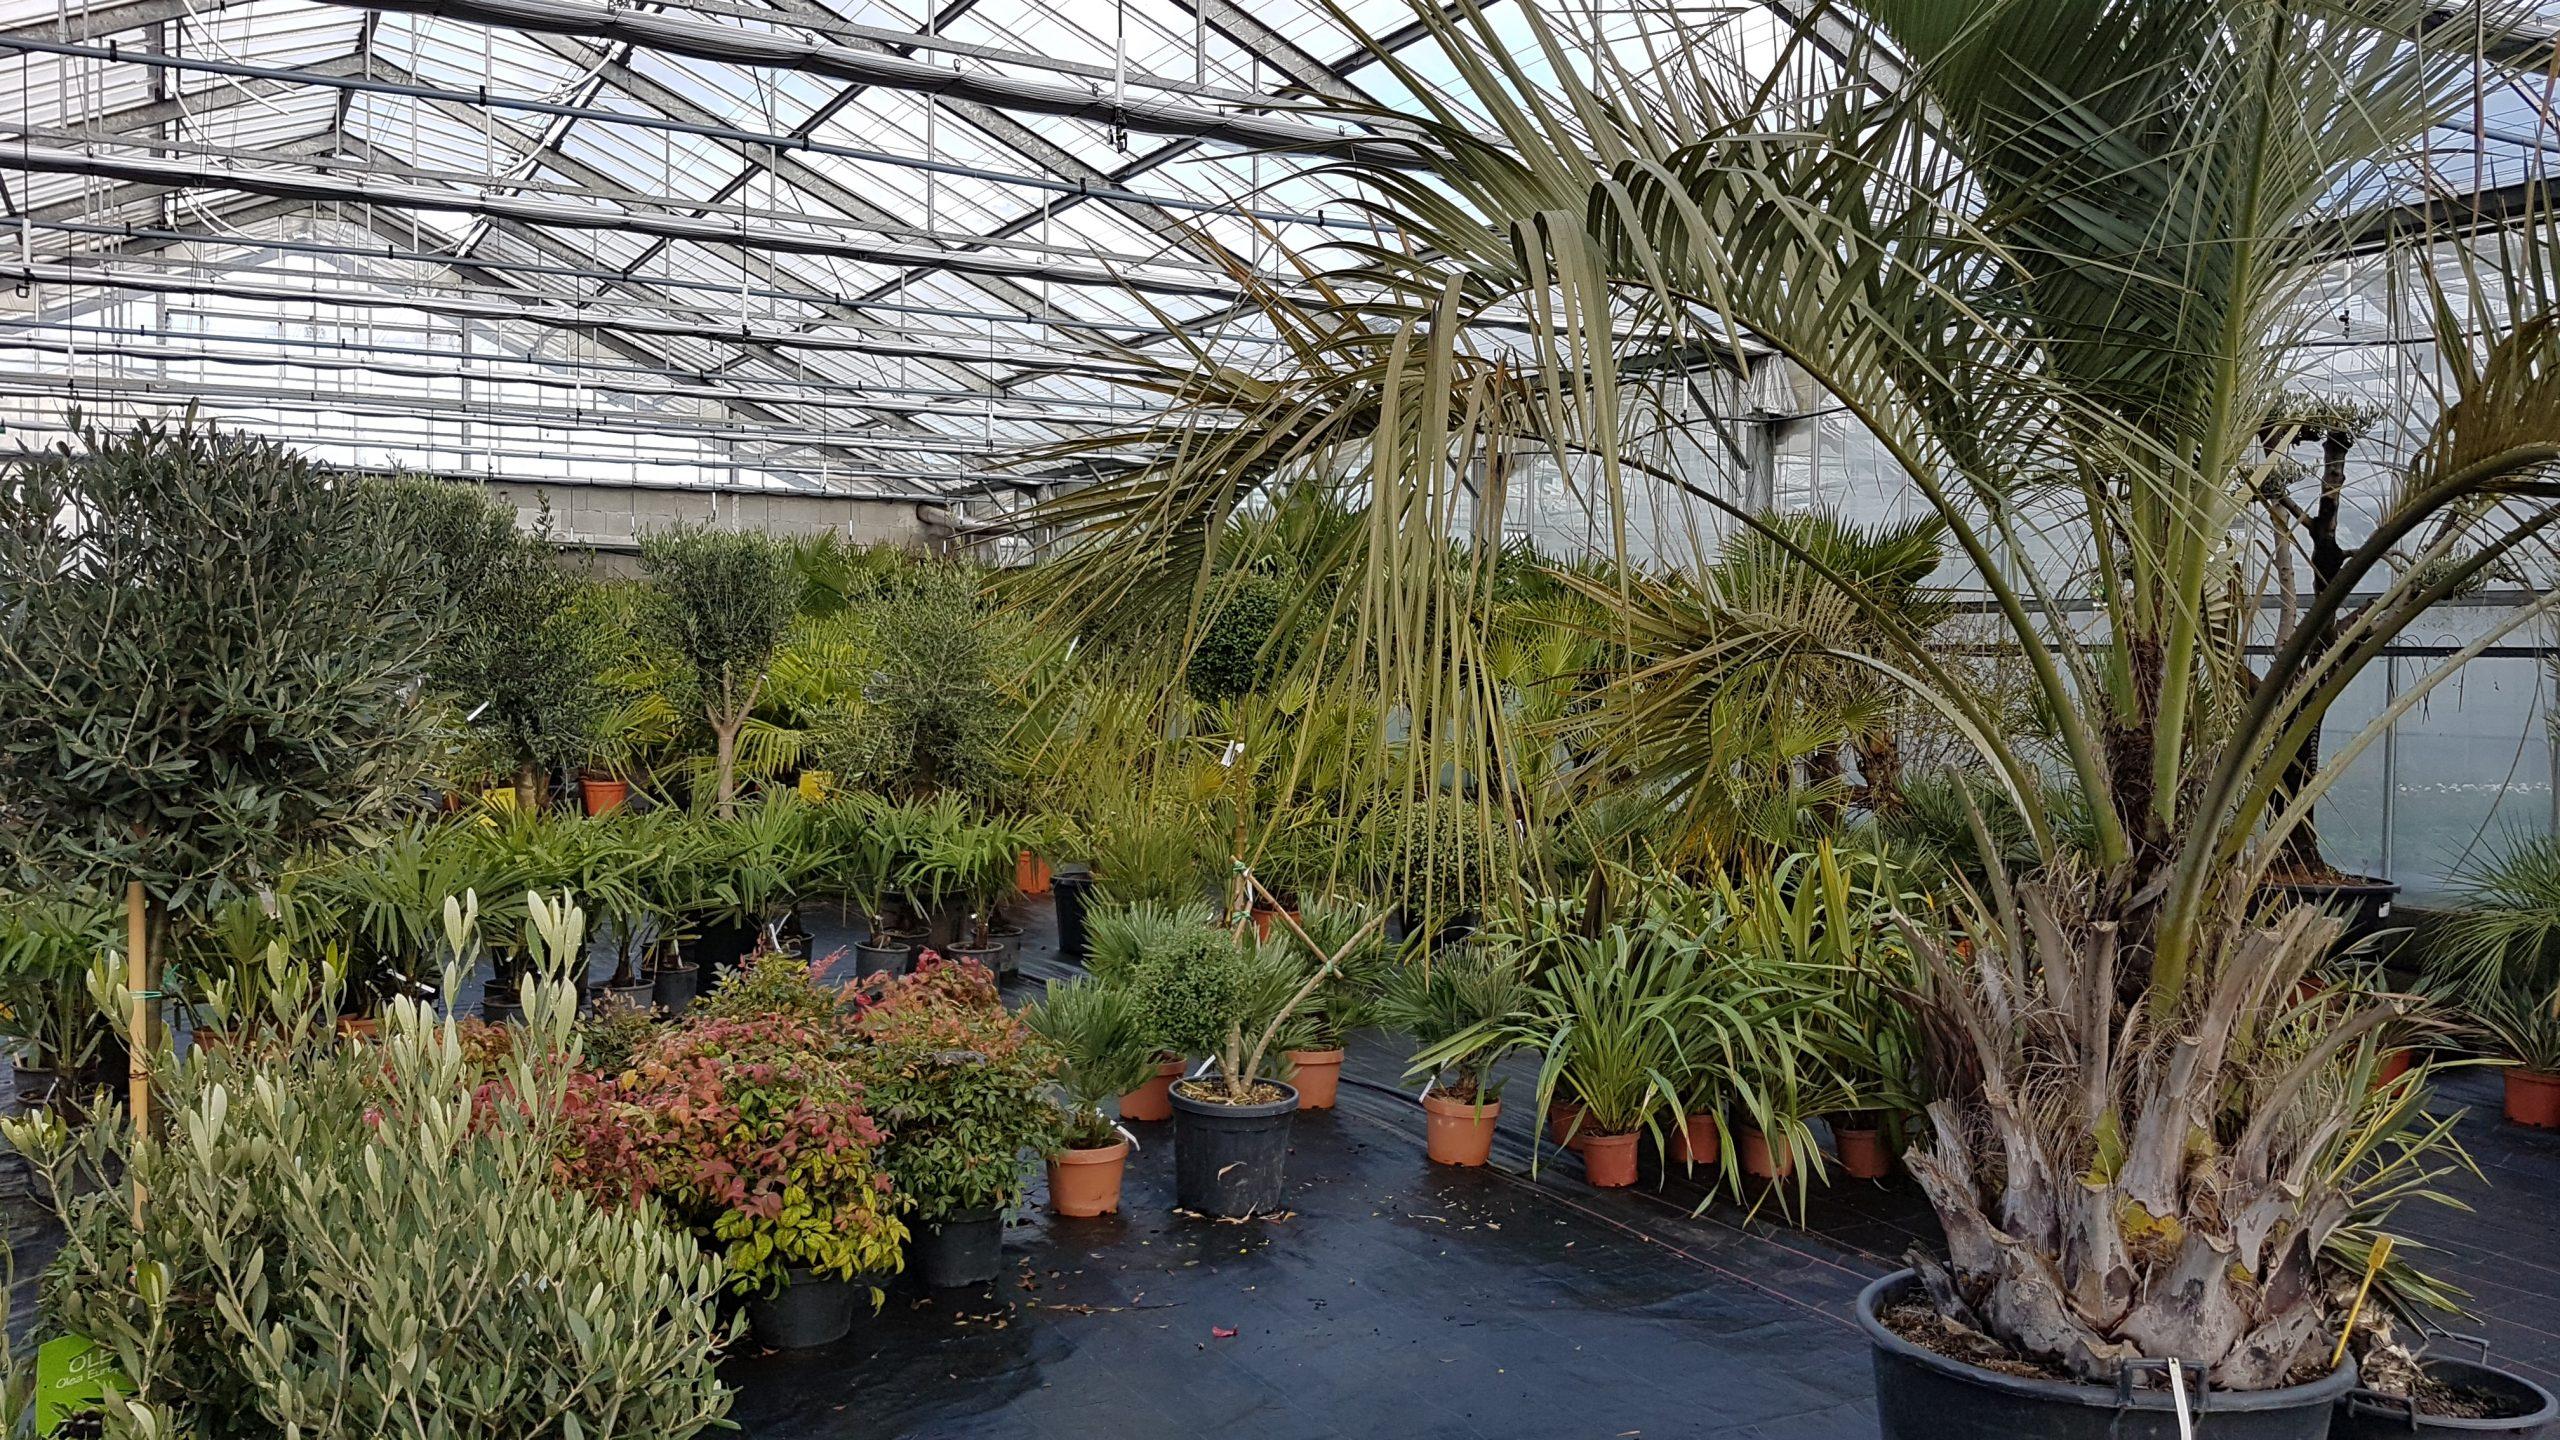 Jardinerie producteur et vendeur de plantes Nantes